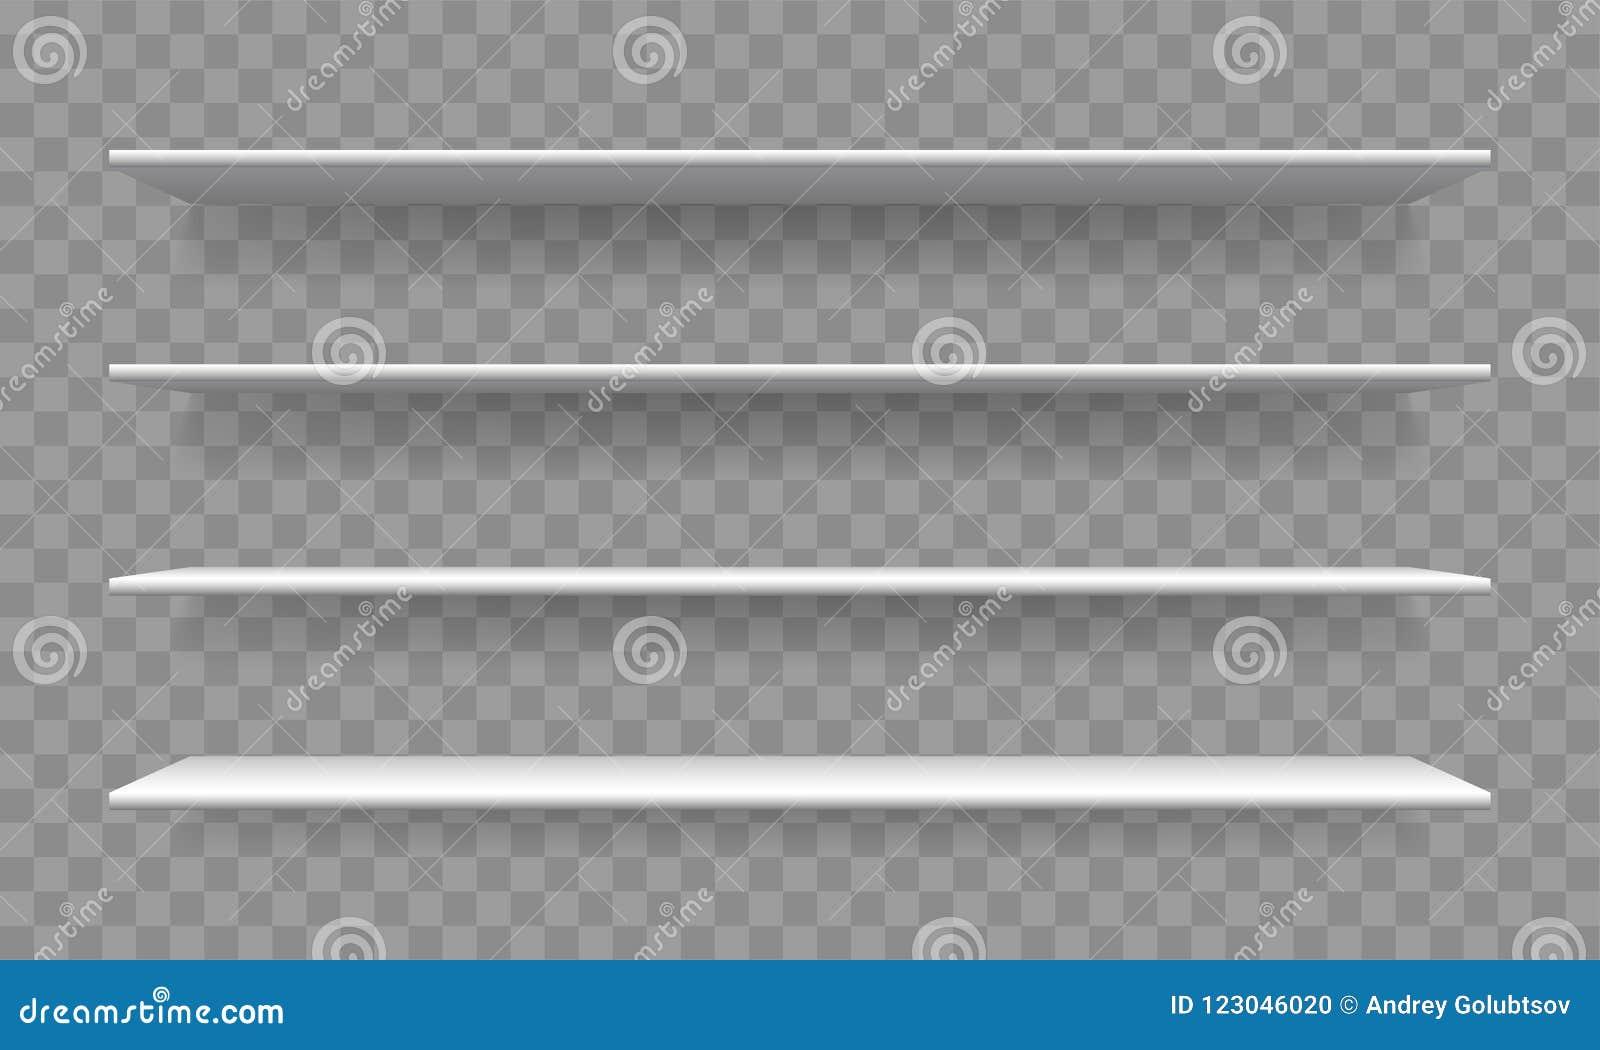 Shelf White Blank 3D Realistic Vector Bookshelf